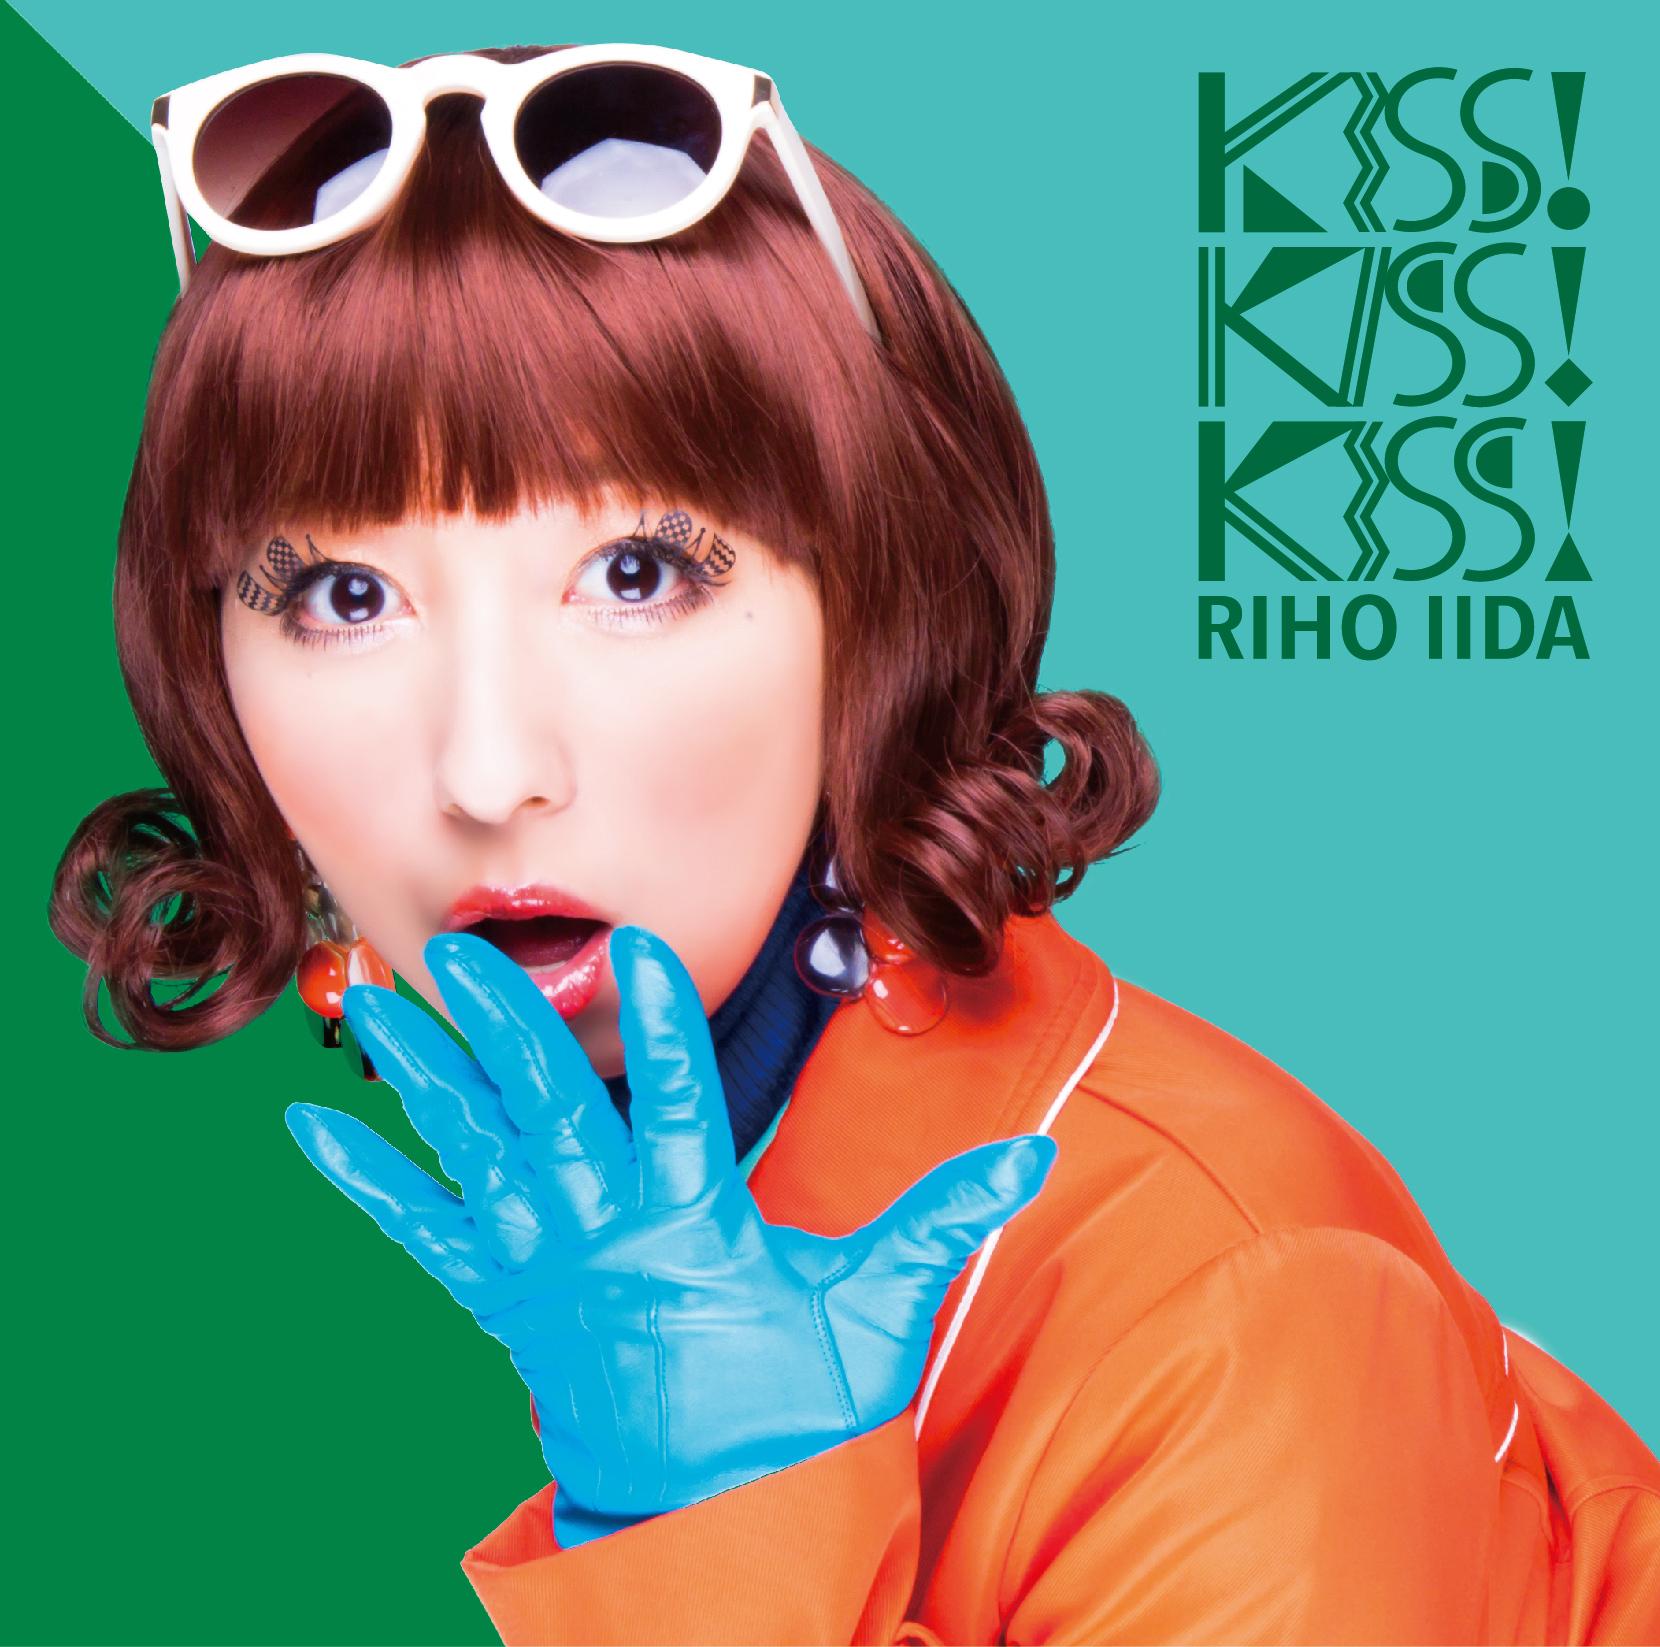 TKCA-74309_kiss3_B